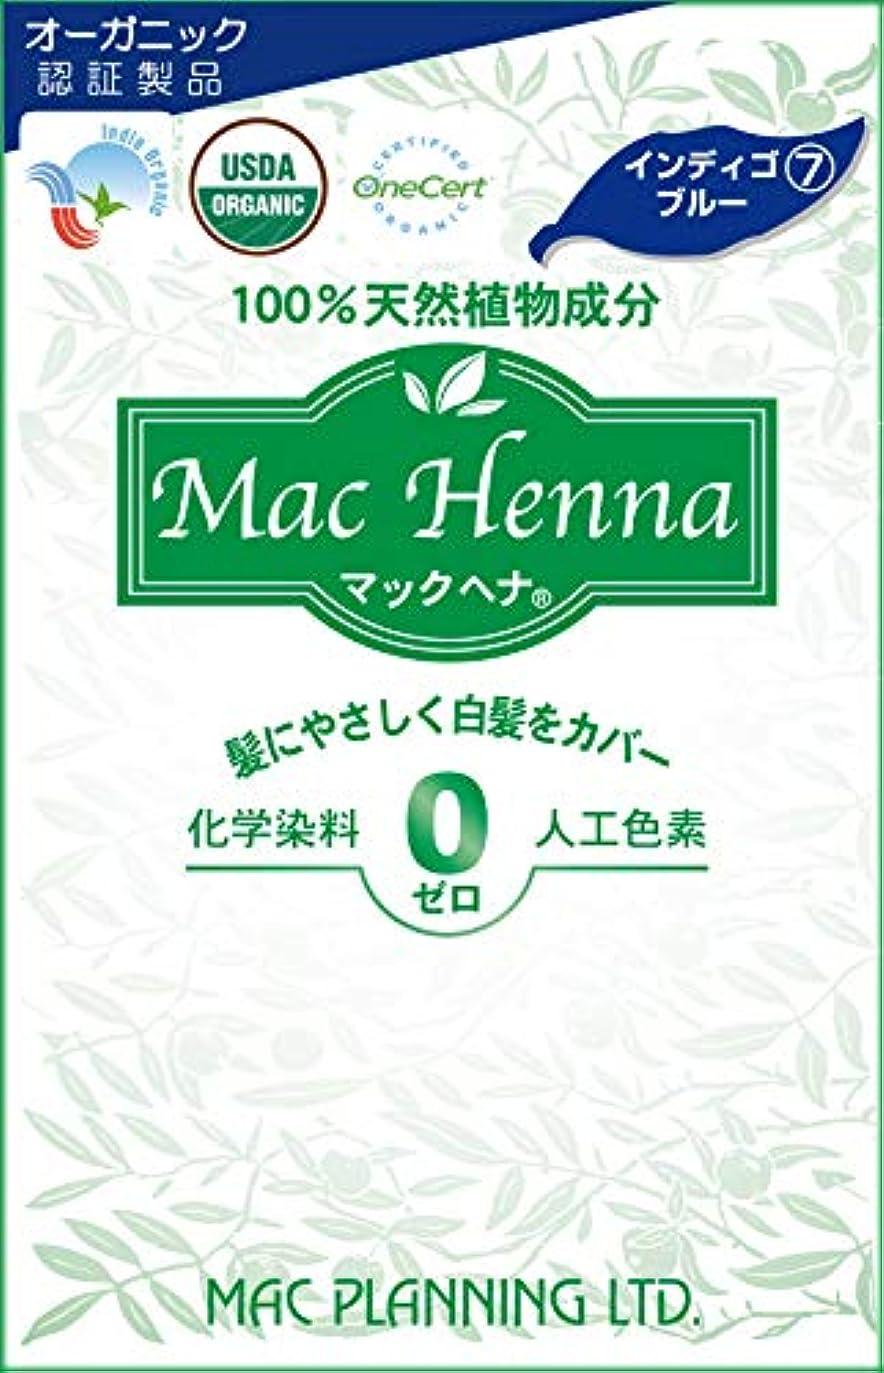 抜本的なヒューム刈り取るマックヘナ インディゴブルー50g+50g(インディゴ100%) 100%天然